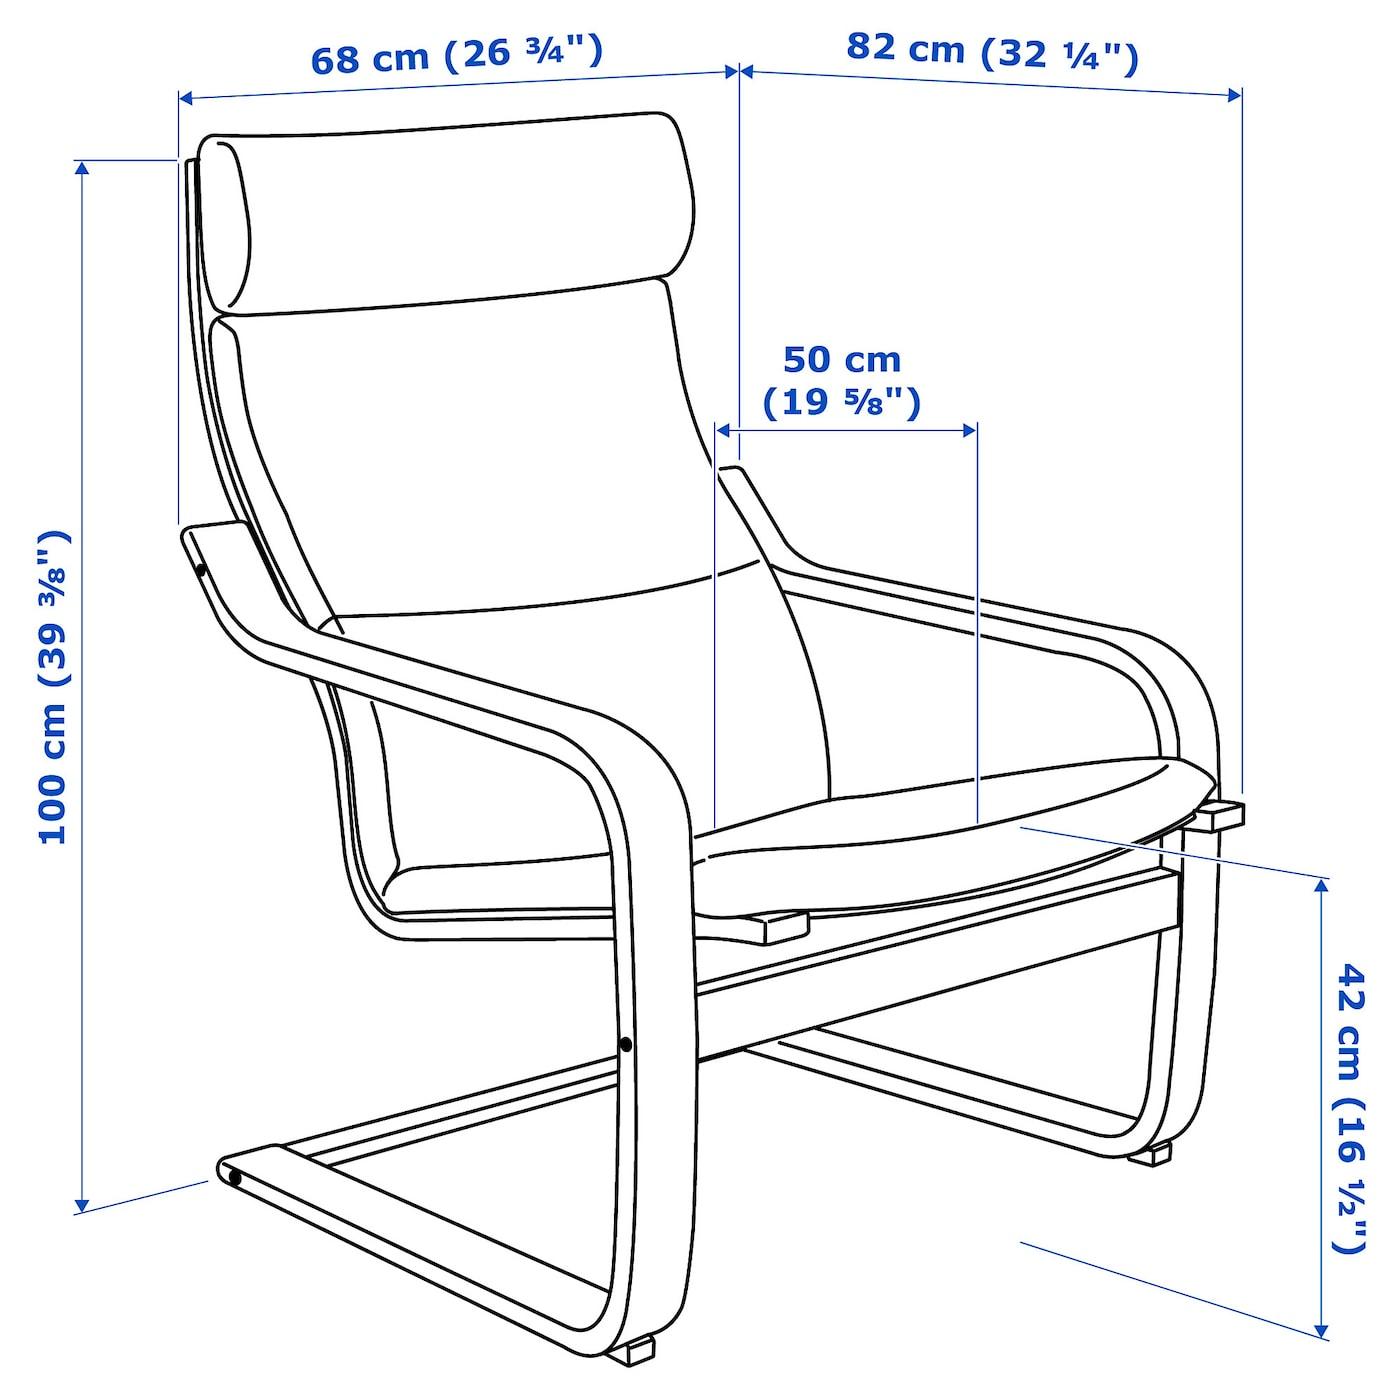 POÄNG Gyngestol brunsvartHillared antrasitt IKEA